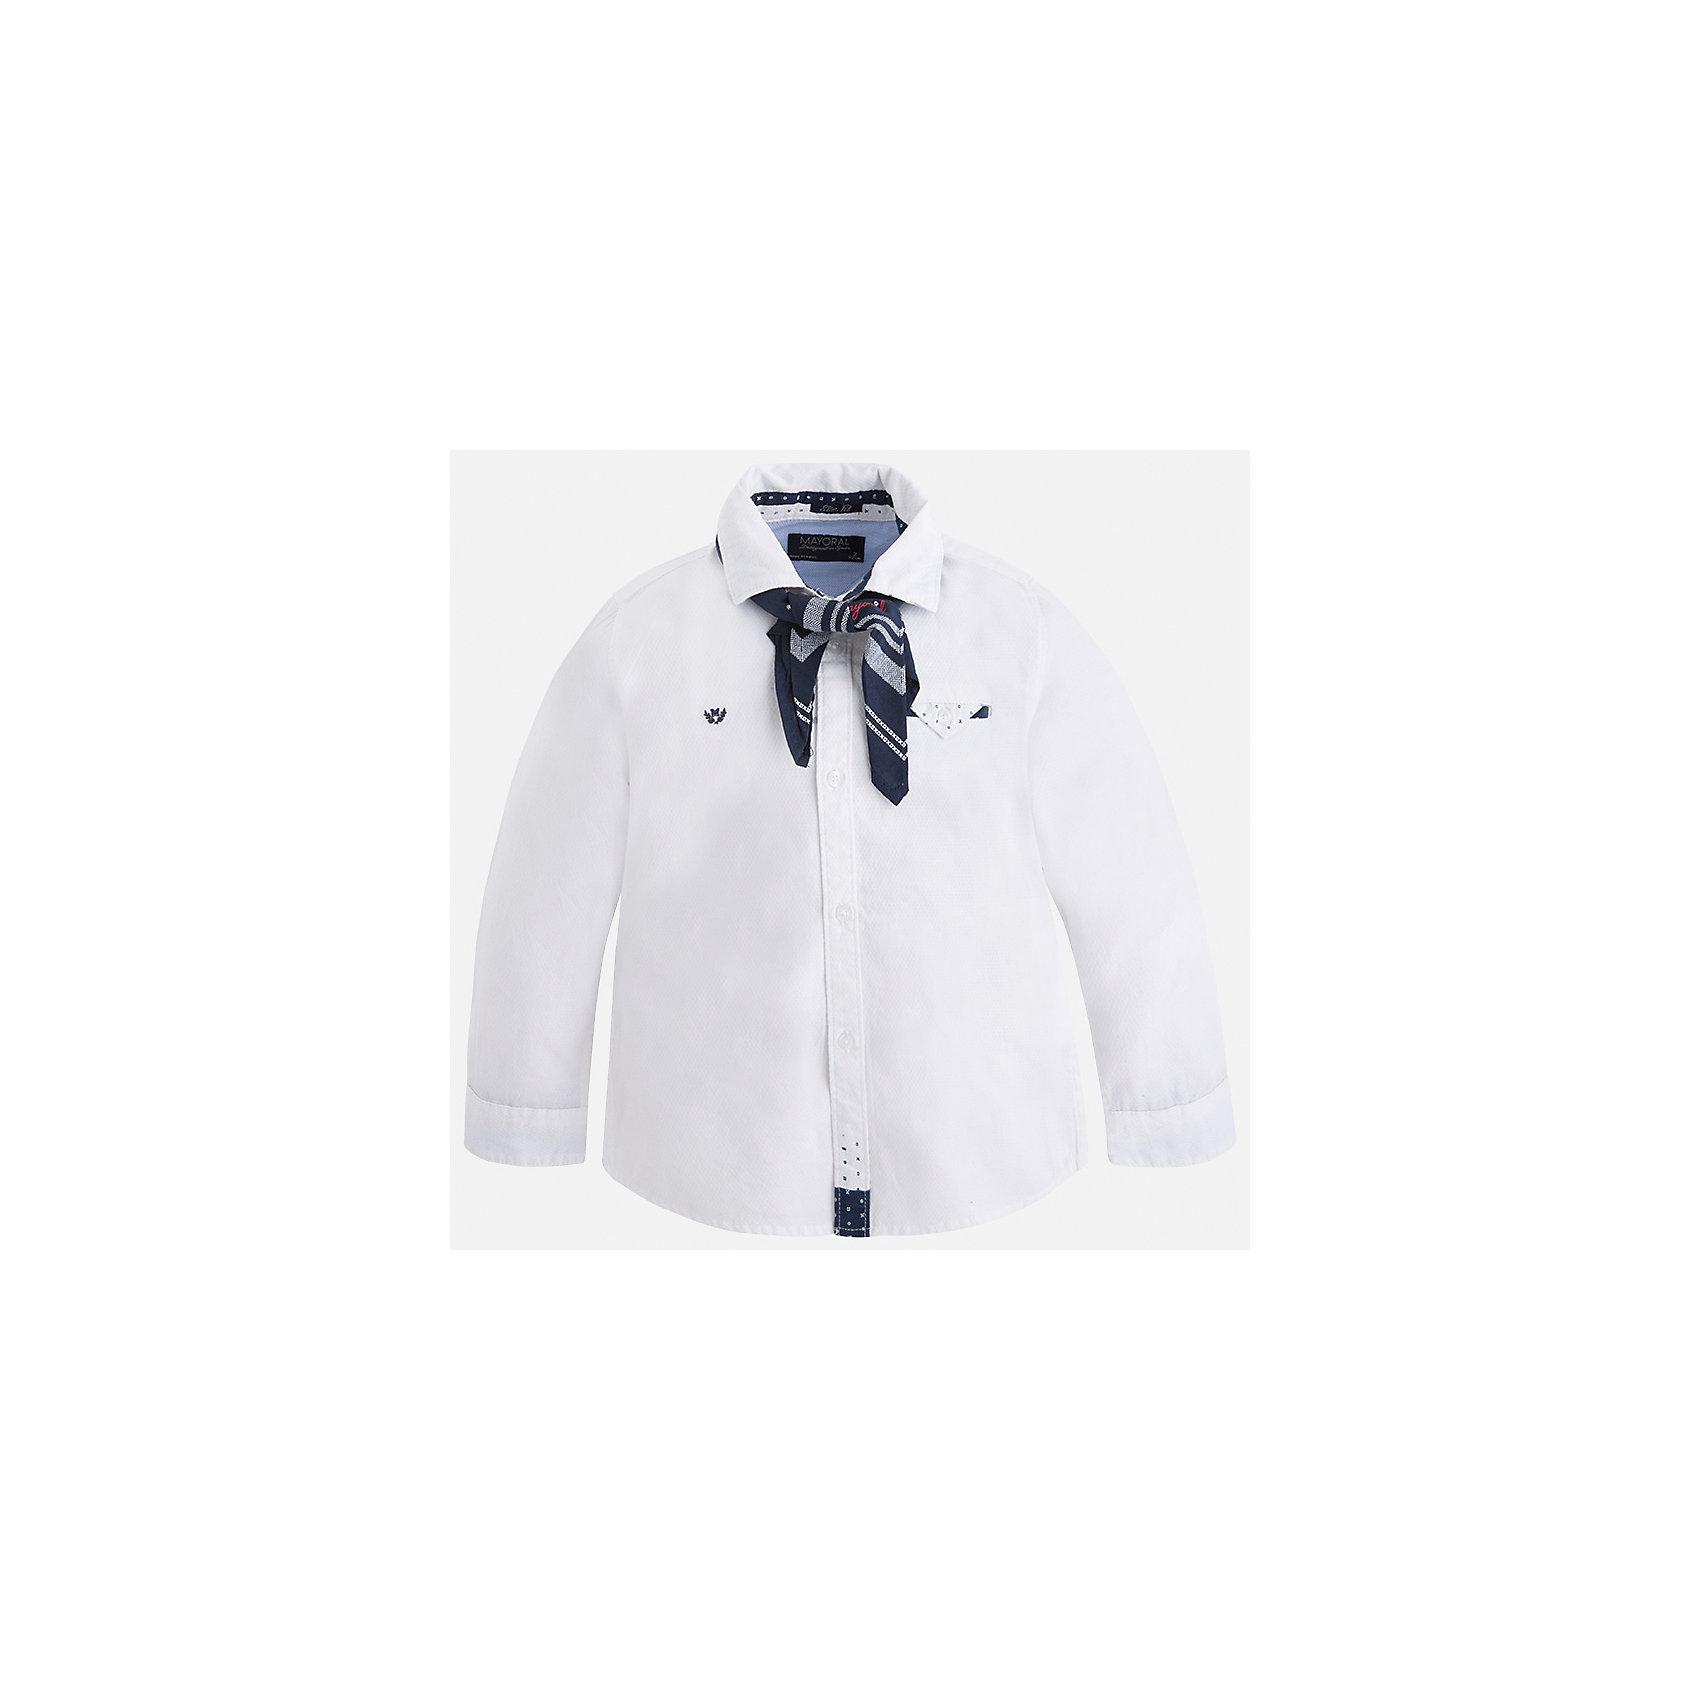 Рубашка Mayoral для мальчикаБлузки и рубашки<br>Характеристики товара:<br><br>• цвет: белый<br>• состав ткани: 100% хлопок<br>• сезон: демисезон<br>• особенности модели: школьная<br>• застежка: пуговицы<br>• длинные рукава<br>• страна бренда: Испания<br>• страна изготовитель: Индия<br><br>Хлопковая белая рубашка с длинным рукавом для мальчика от Майорал поможет обеспечить ребенку комфорт. Детская рубашка отличается стильным и продуманным дизайном. В рубашке для мальчика от испанской компании Майорал ребенок будет выглядеть модно, а чувствовать себя - комфортно. <br><br>Рубашку для мальчика Mayoral (Майорал) можно купить в нашем интернет-магазине.<br><br>Ширина мм: 174<br>Глубина мм: 10<br>Высота мм: 169<br>Вес г: 157<br>Цвет: белый<br>Возраст от месяцев: 18<br>Возраст до месяцев: 24<br>Пол: Мужской<br>Возраст: Детский<br>Размер: 92,134,128,122,116,110,104,98<br>SKU: 6934012